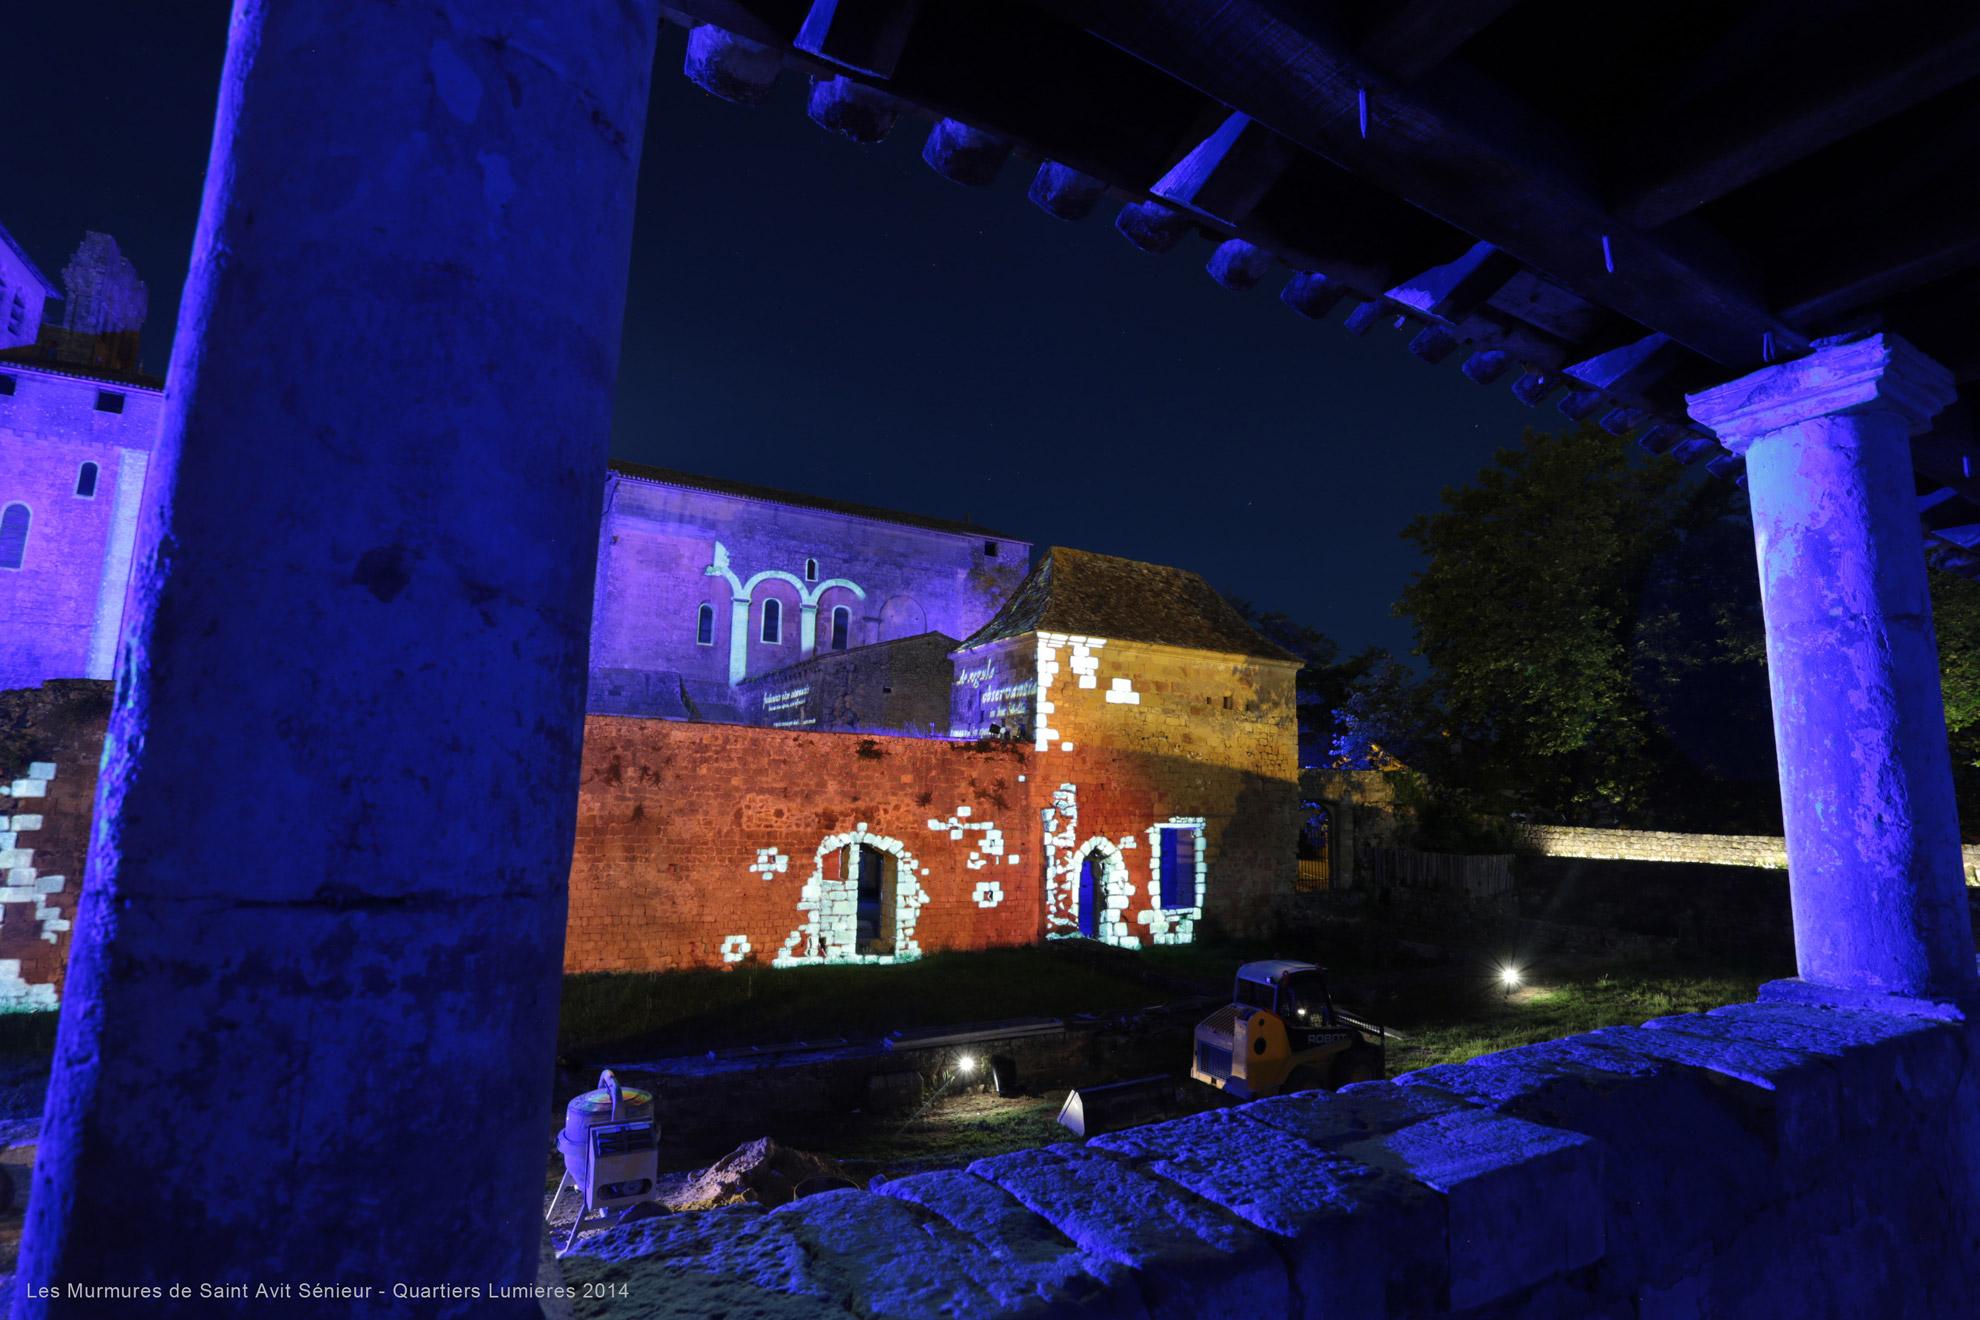 projection d'images gobo sur une abbaye en dordogne